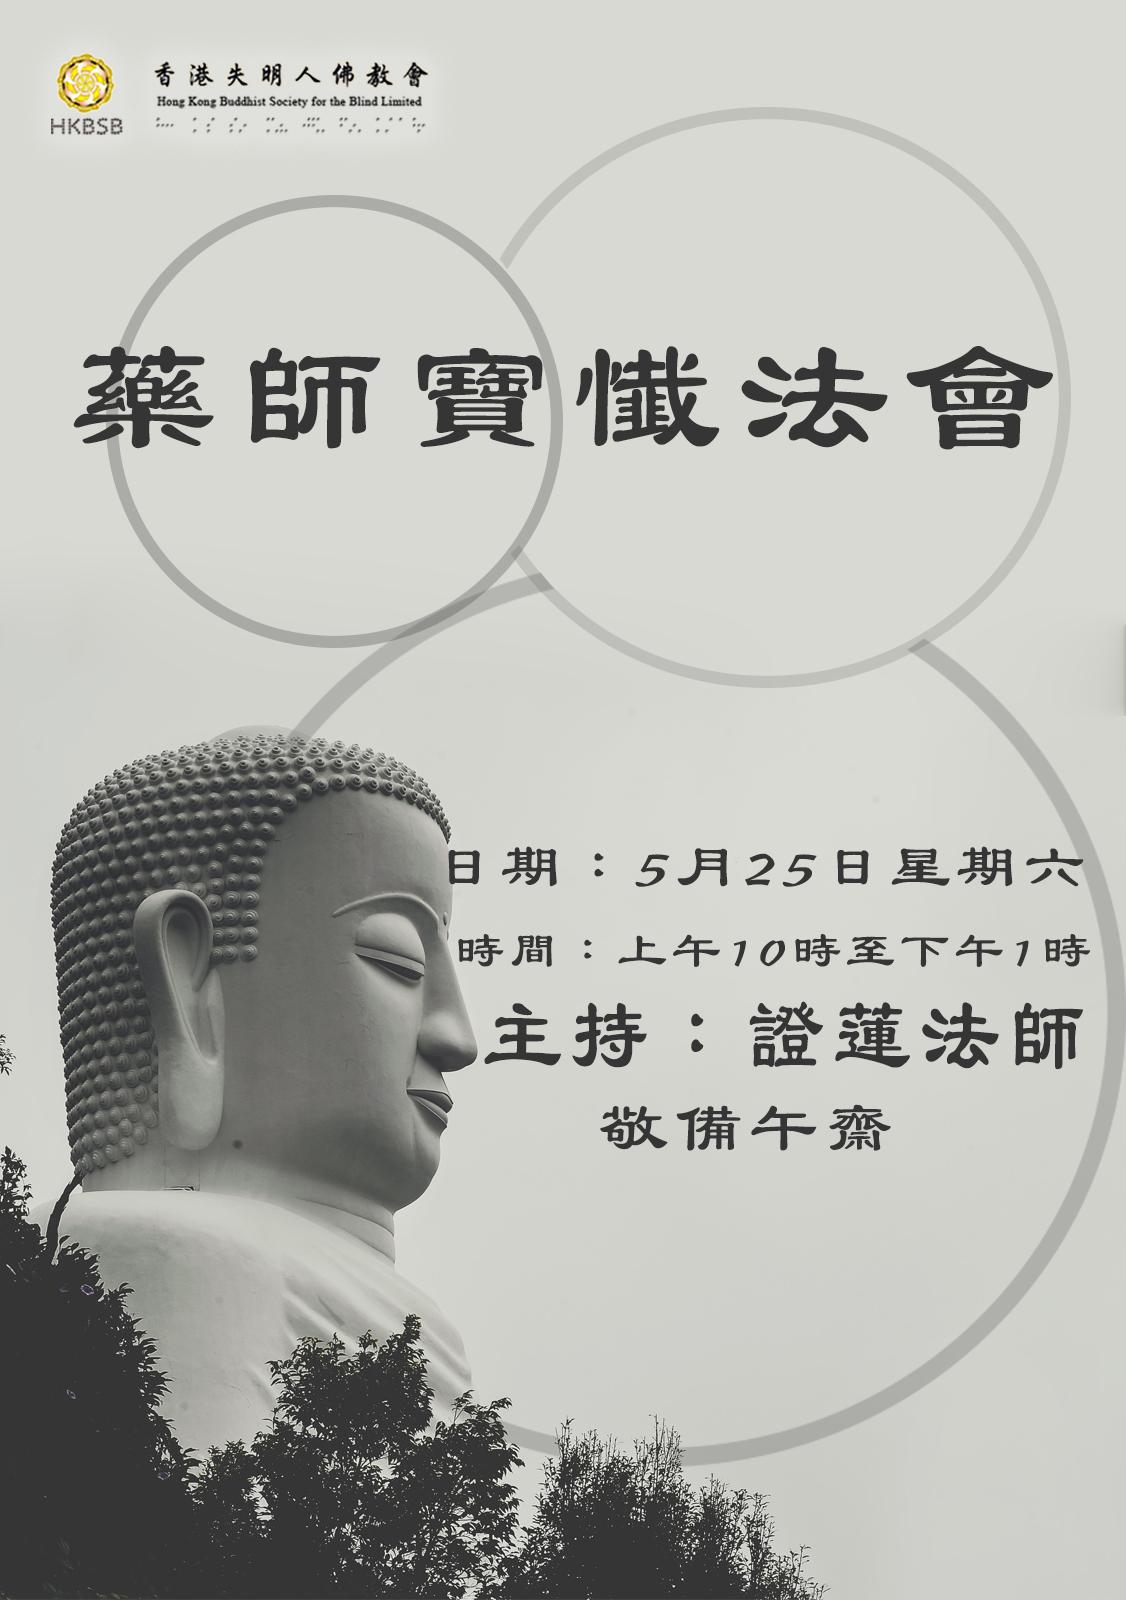 2019-5-25藥師寶懺